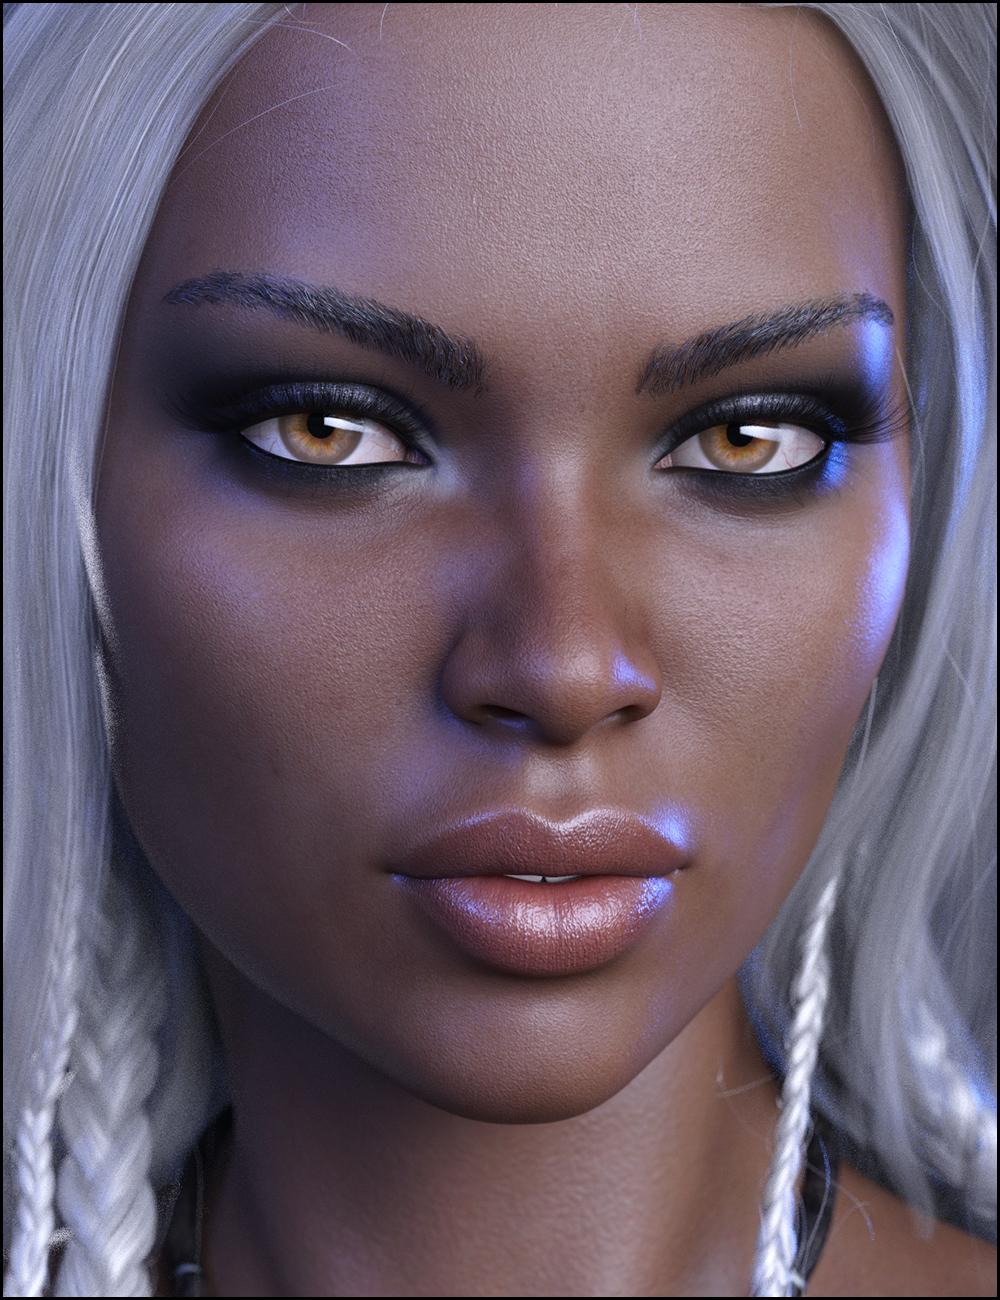 Manette for Genesis 8 Female by: JessaiiRaziel, 3D Models by Daz 3D